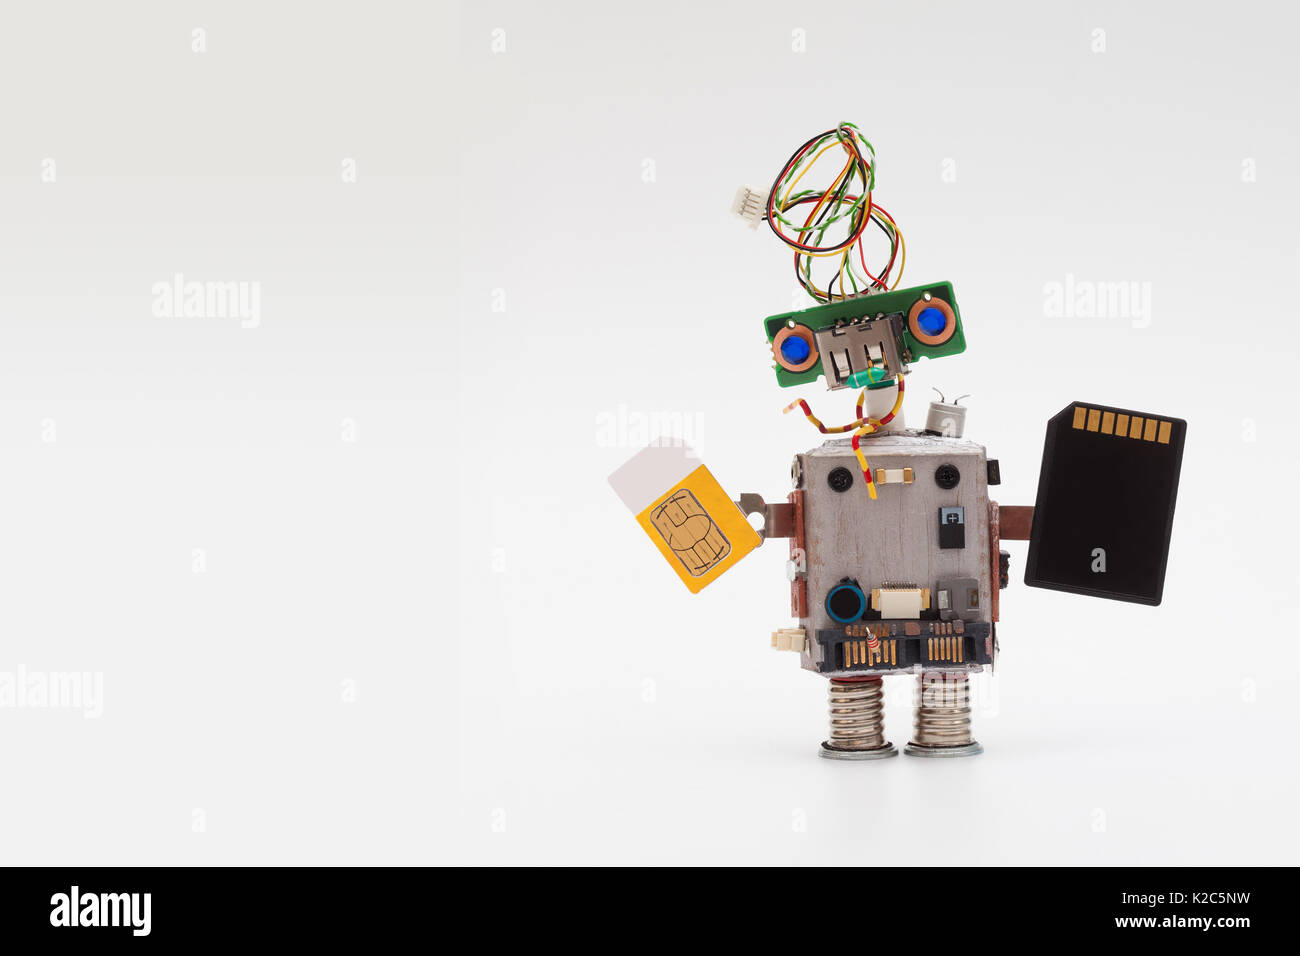 Style rétro concept robot jaune avec carte sim et micro-puce noire. Jouet, mécanisme de prise des circuits de tête drôle de couleur, yeux bleus. Copier du texte, léger gradient background Photo Stock